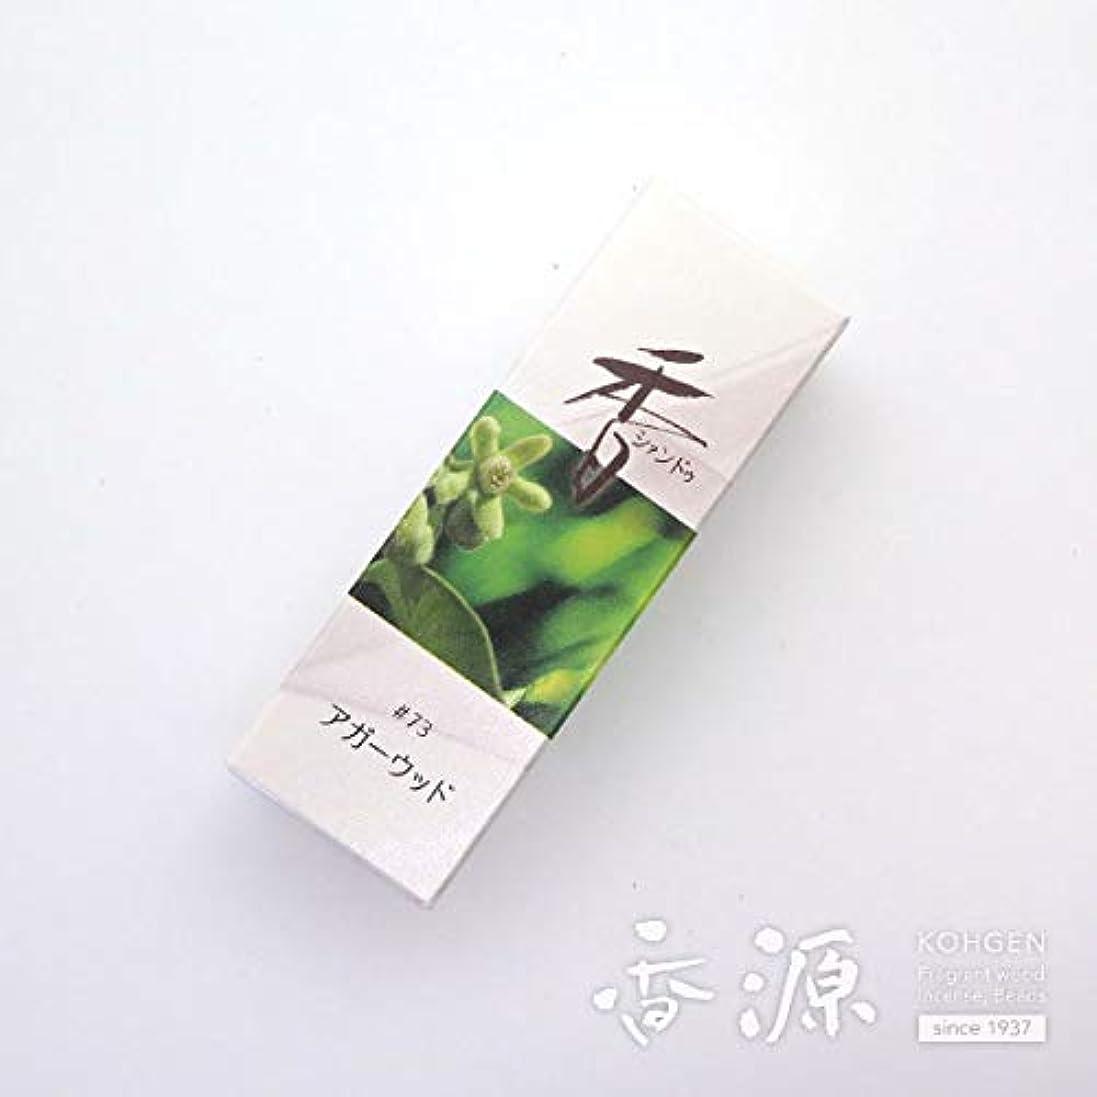 衣装矩形ハンドブック松栄堂のお香 Xiang Do(シャンドゥ) アガーウッド ST20本入 簡易香立付 #214273